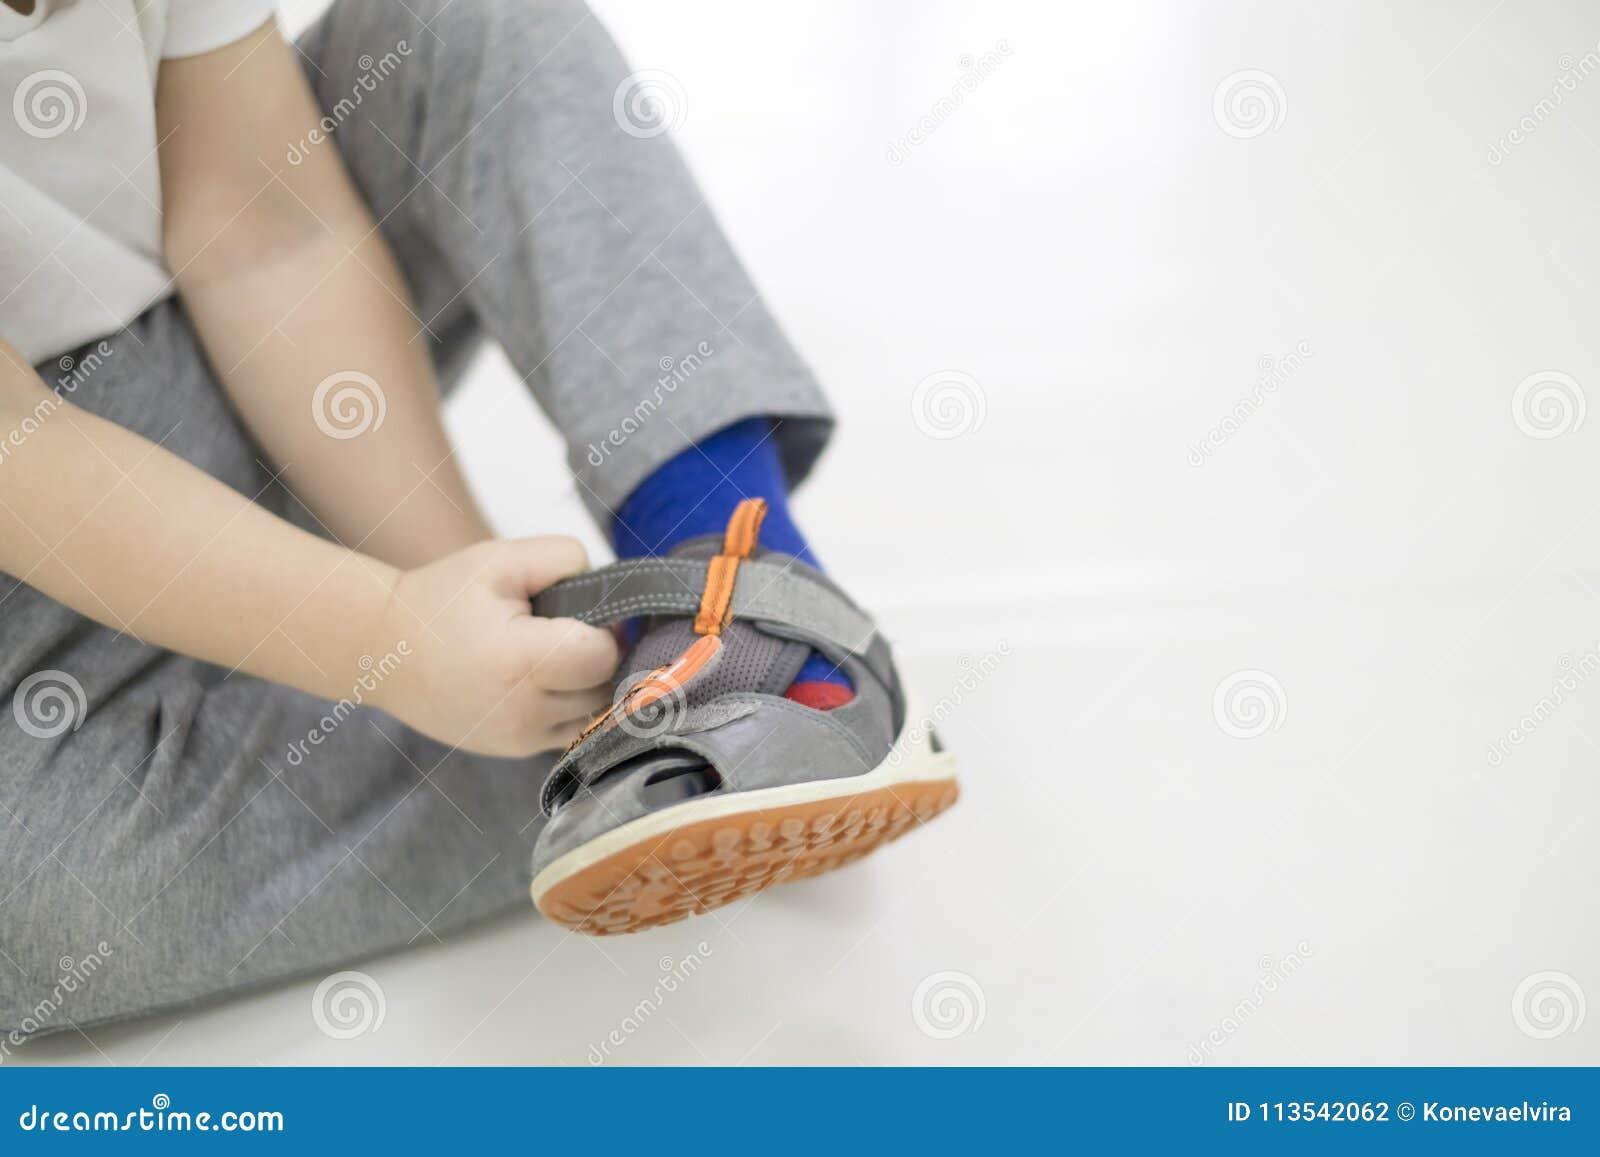 Bébé Petit De Le En Mettre Enfant Ses Fonction Chaussures Essaye Aqxzd